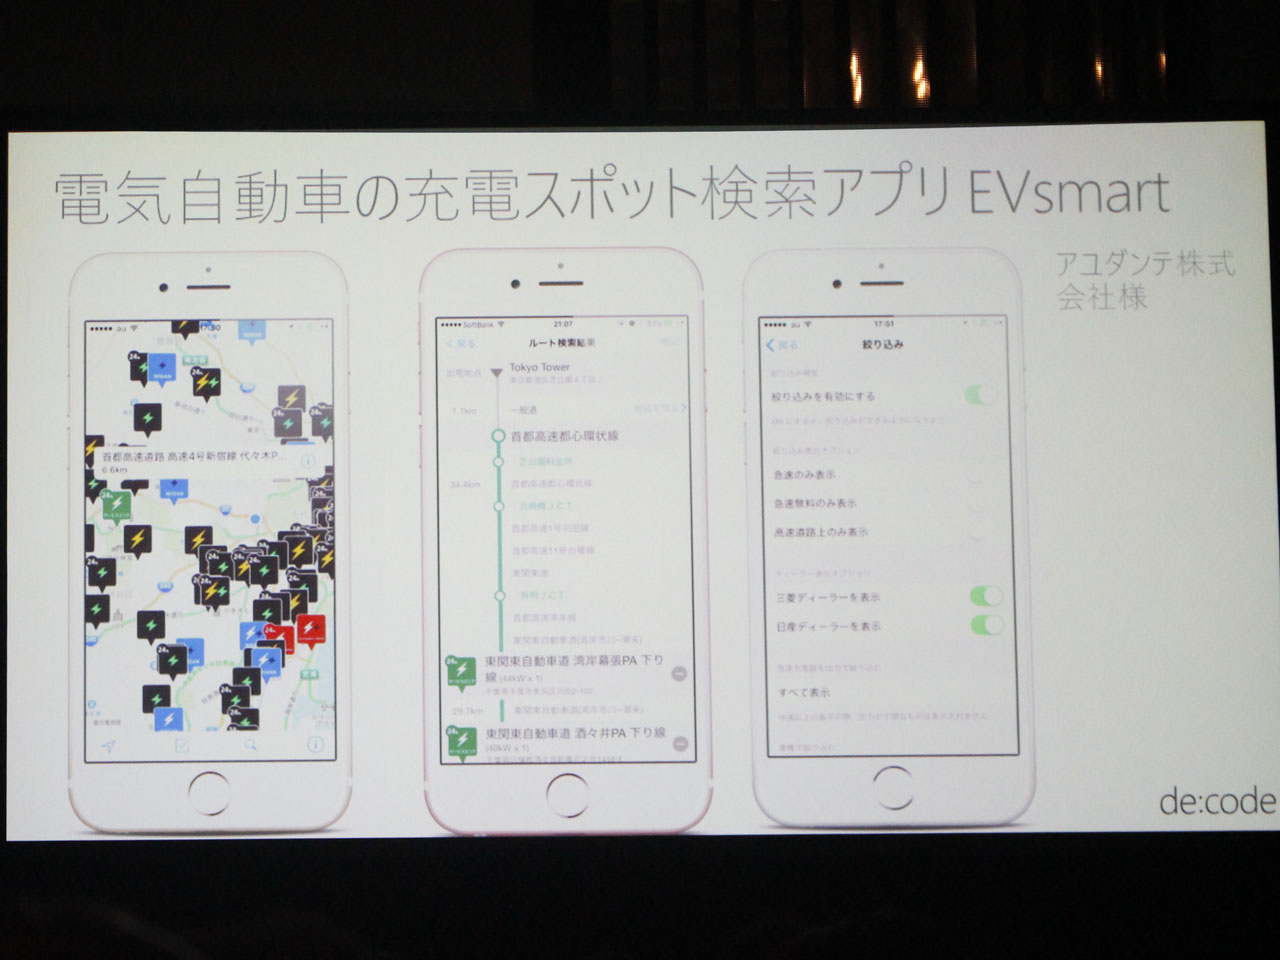 アユダンテ株式会社の電気自動車用充電スポット検索アプリ「EVsmart」